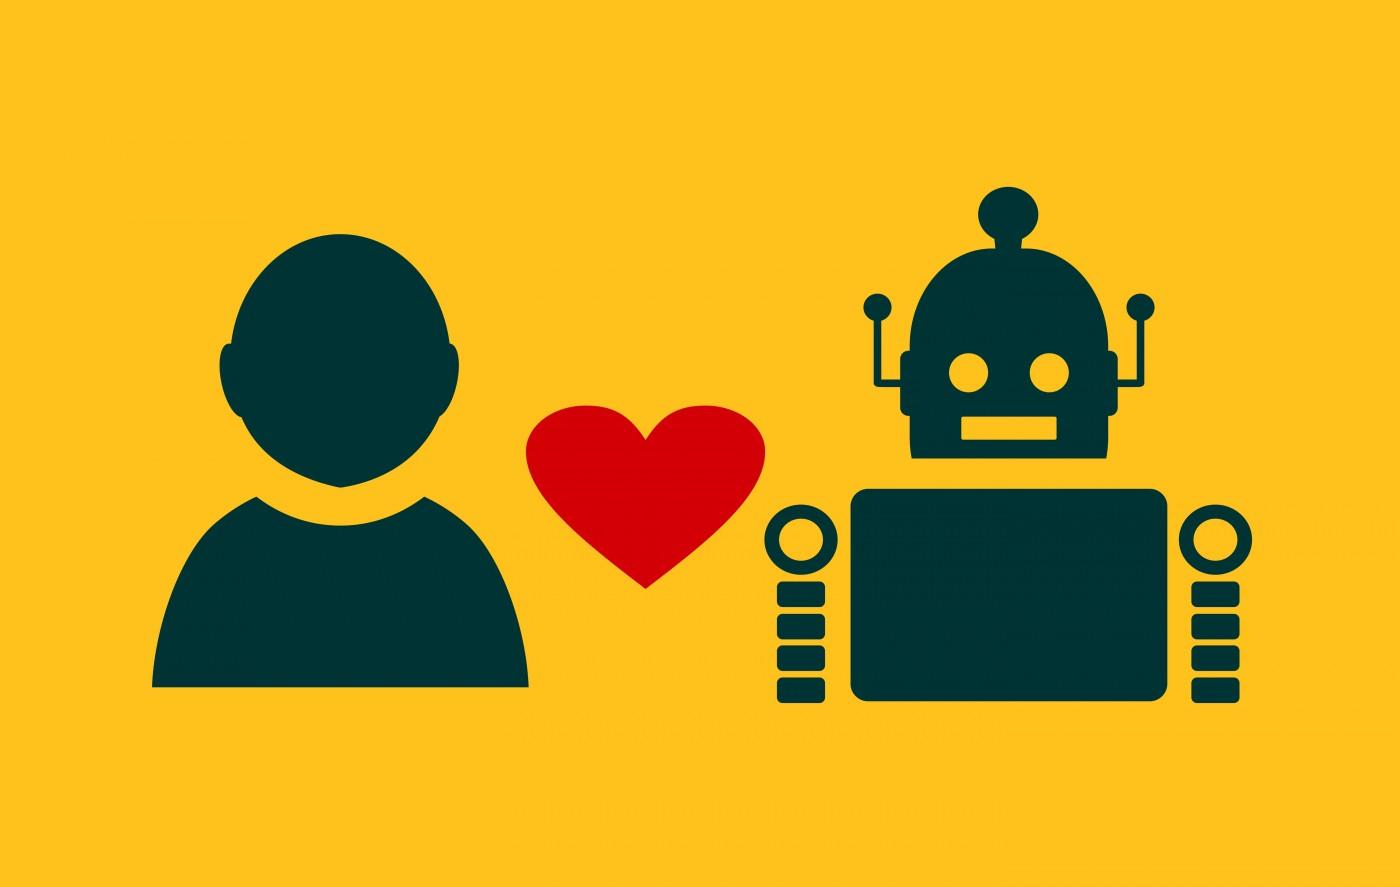 與機器人相愛!沒有問題嗎?